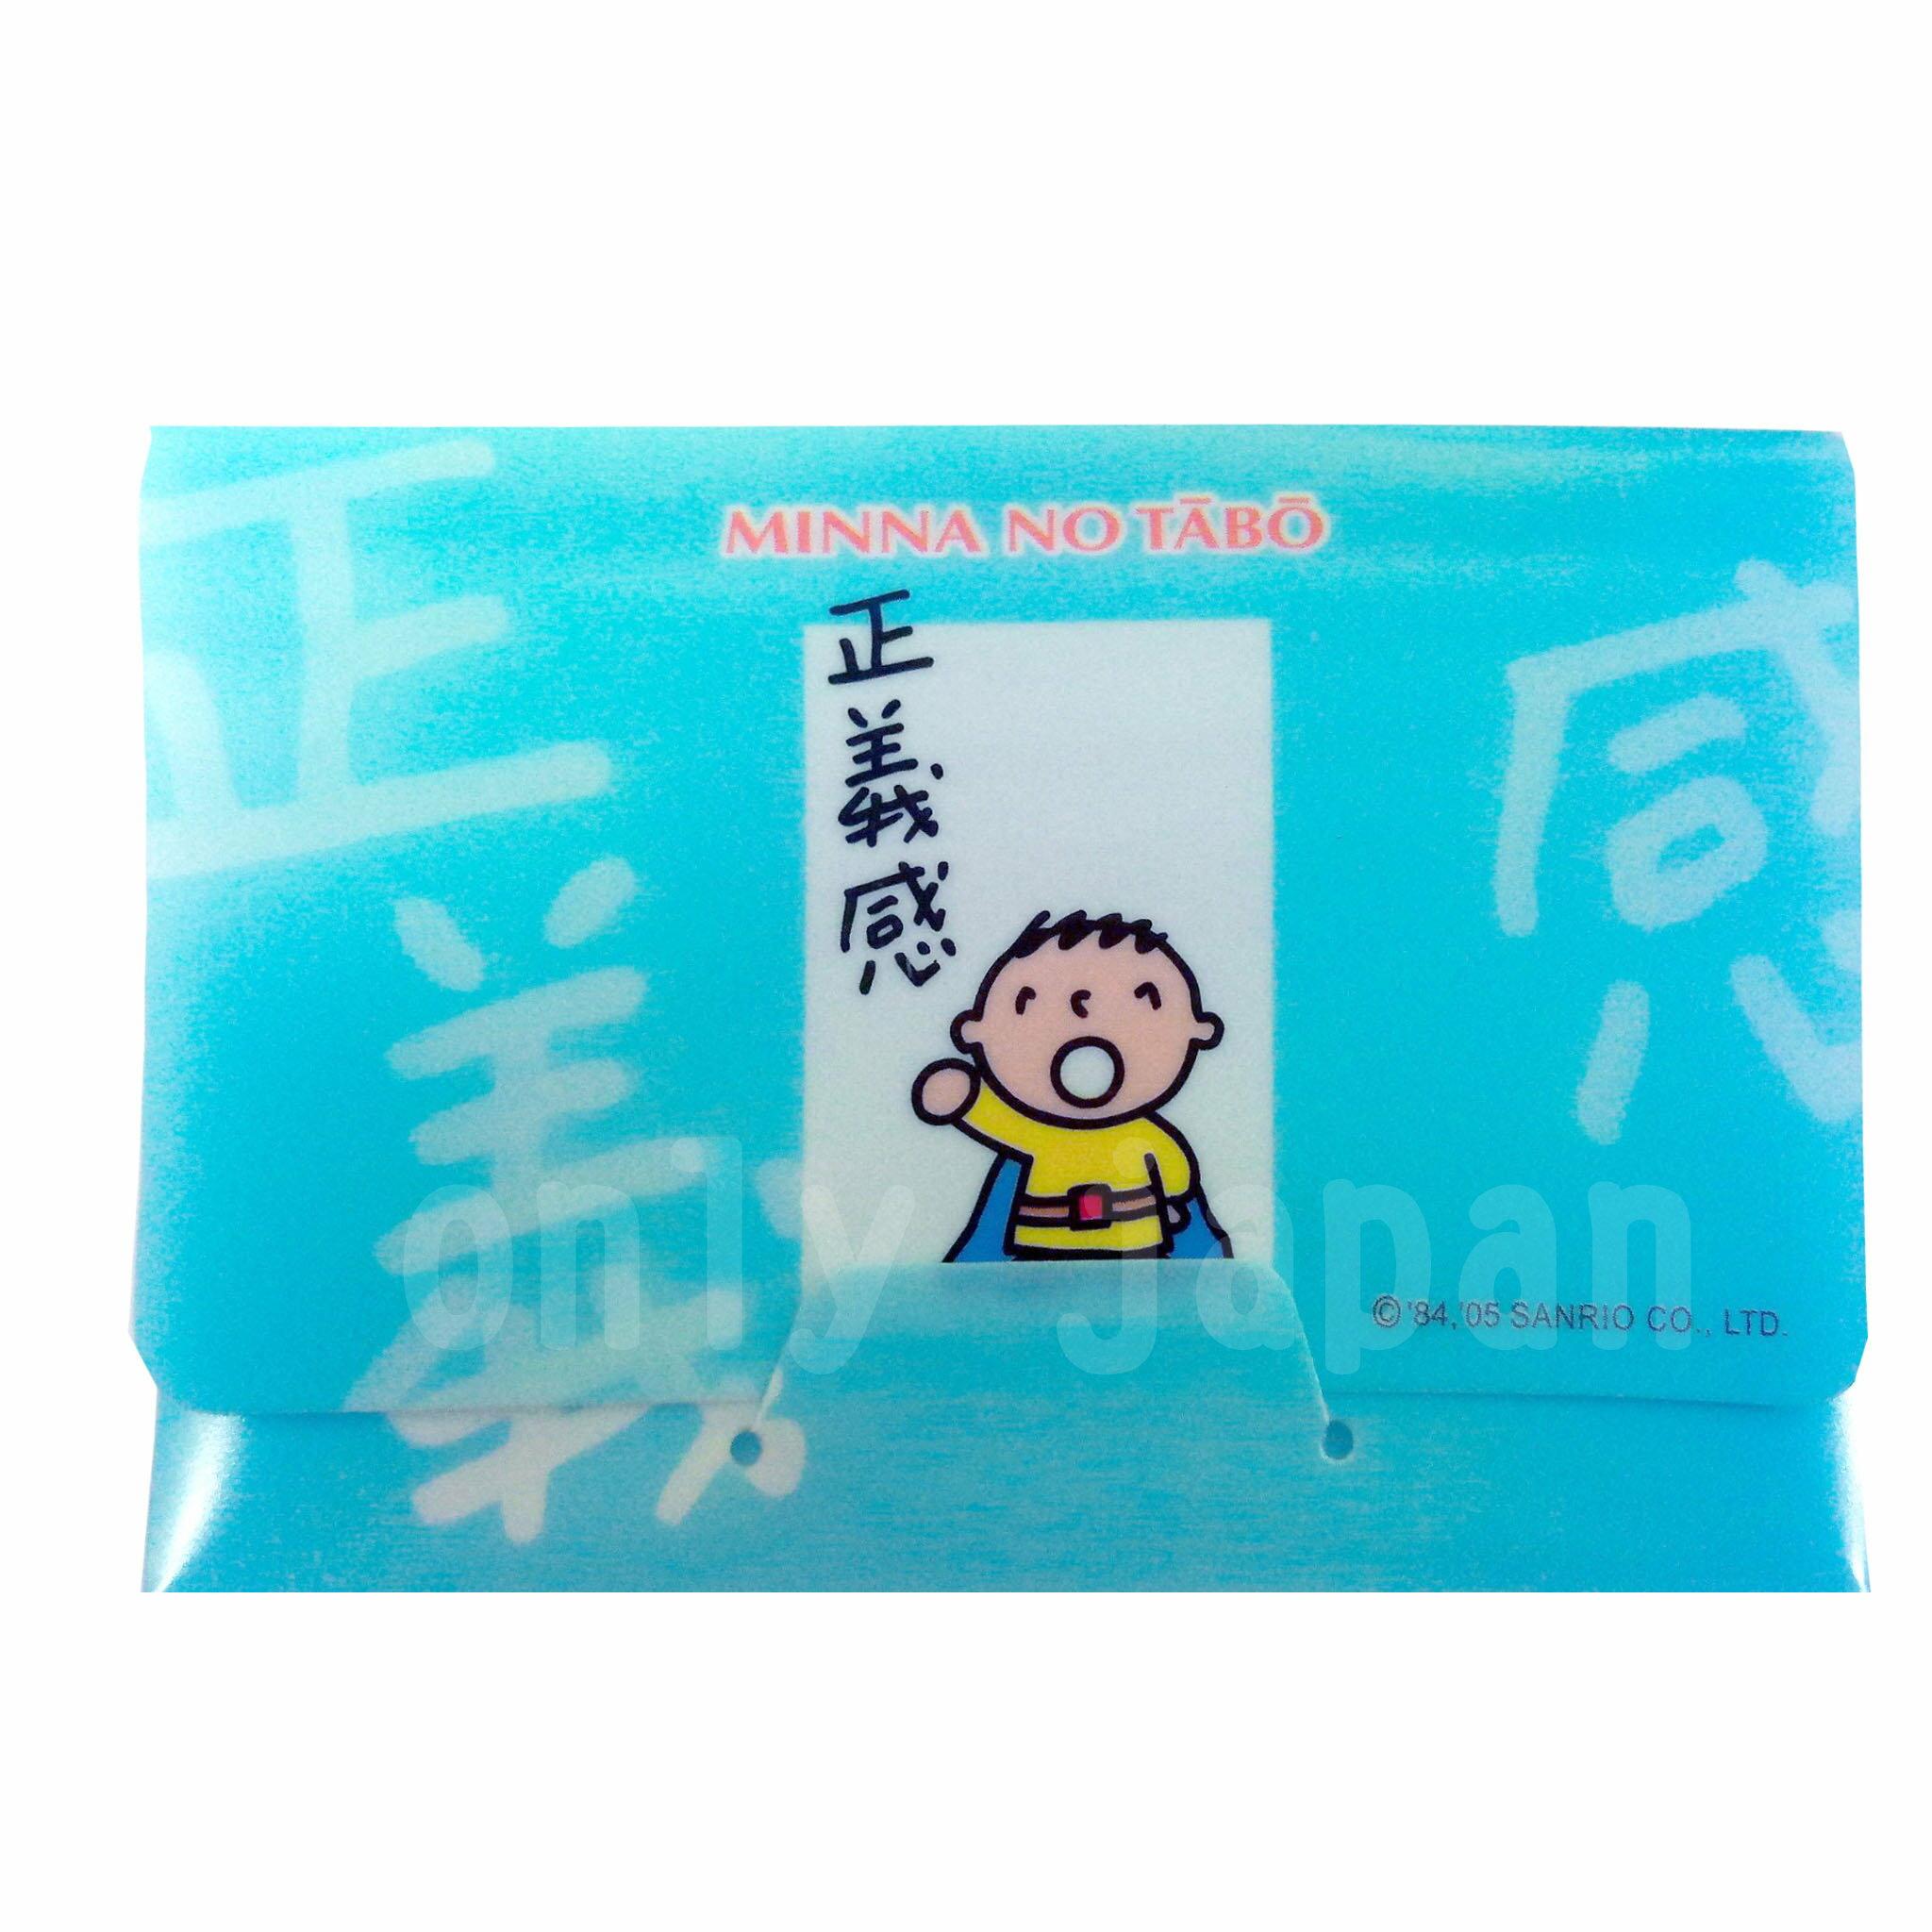 【真愛日本】卡片套(2入) 卡片收納 卡片套 大寶 湯瑪士小火車 大耳狗 喜拿狗 小美人魚 kitty 凱蒂貓 隨機出貨